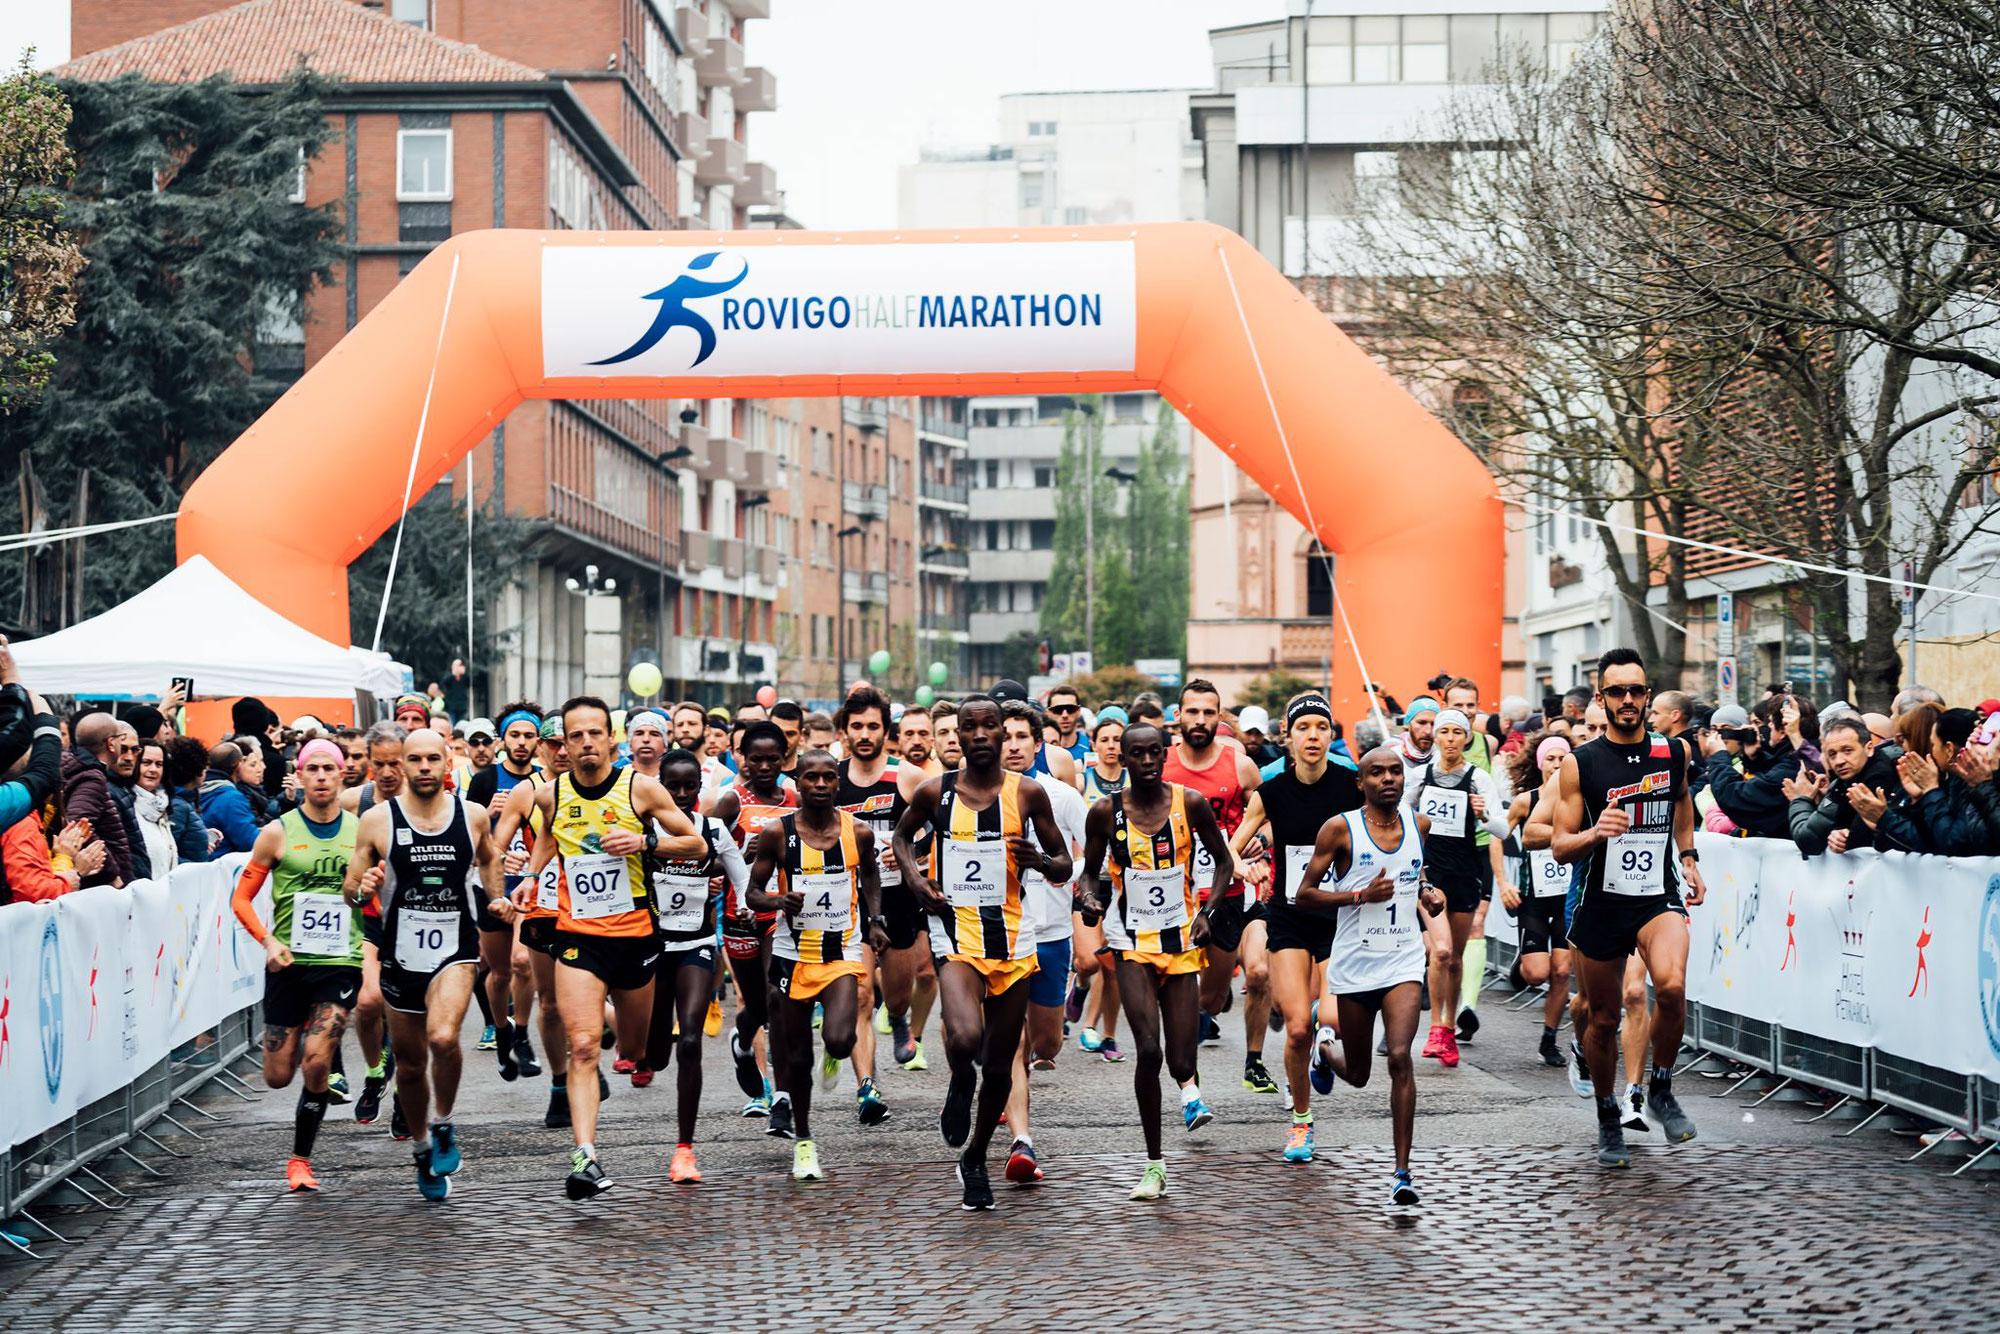 Rinviata al 2022 la Rovigo Half Marathon